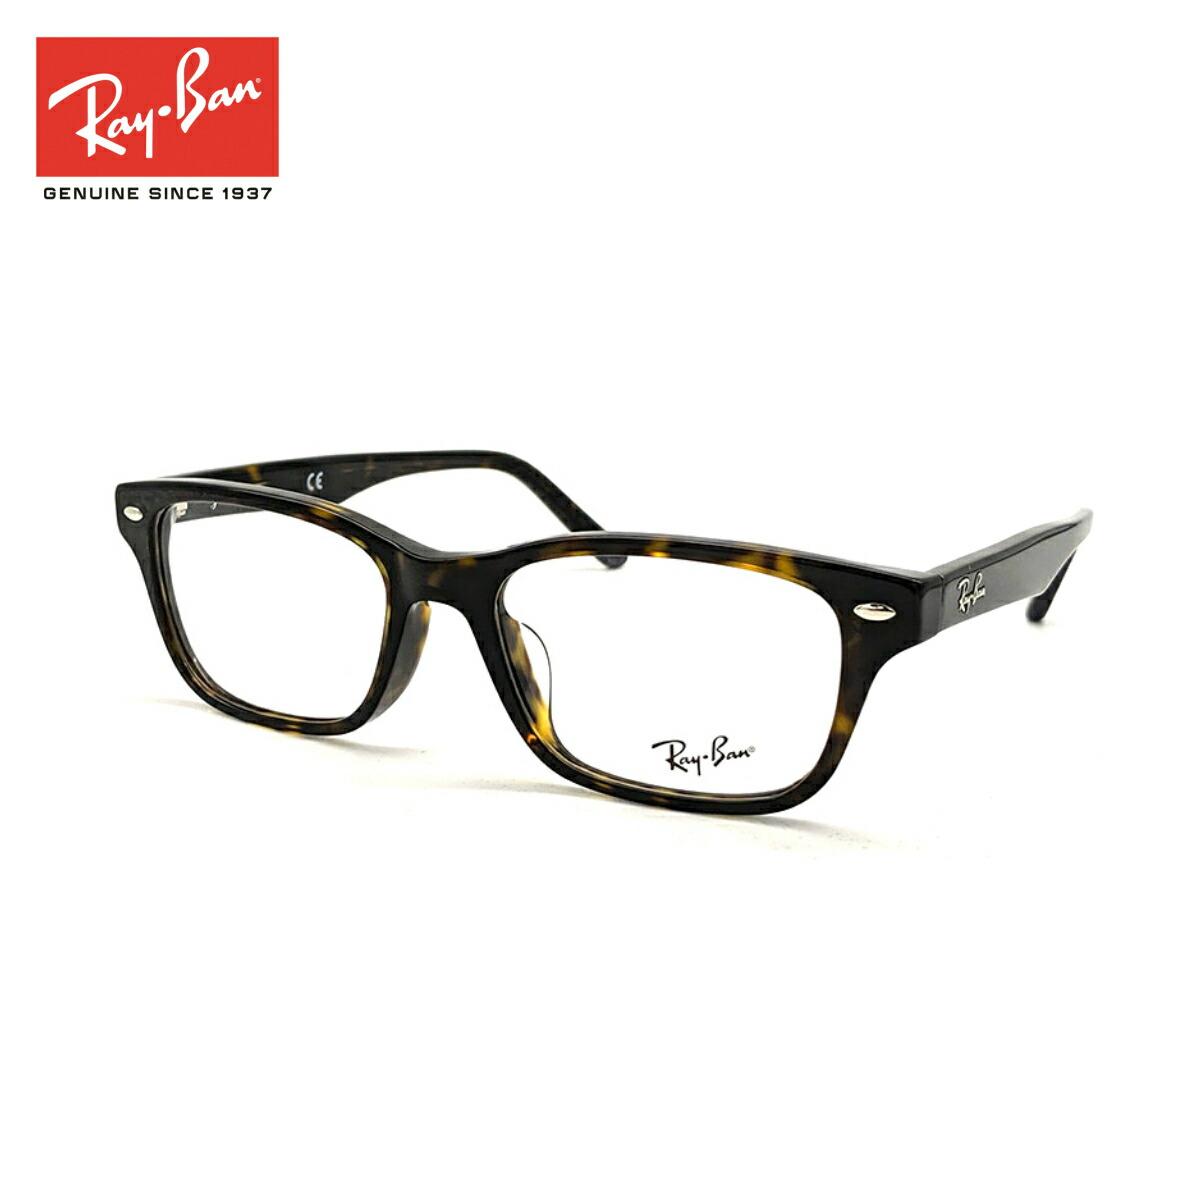 レイバン メガネ フレーム RayBan RX5345D (RB5345D) 2012 眼鏡 めがね 度付き対応 送料無料 定番 人気 オススメ 黒縁 黒 スクエア シャープ ビジネス カジュアル メンズ レディース 男性 女性 父の日 プレゼント